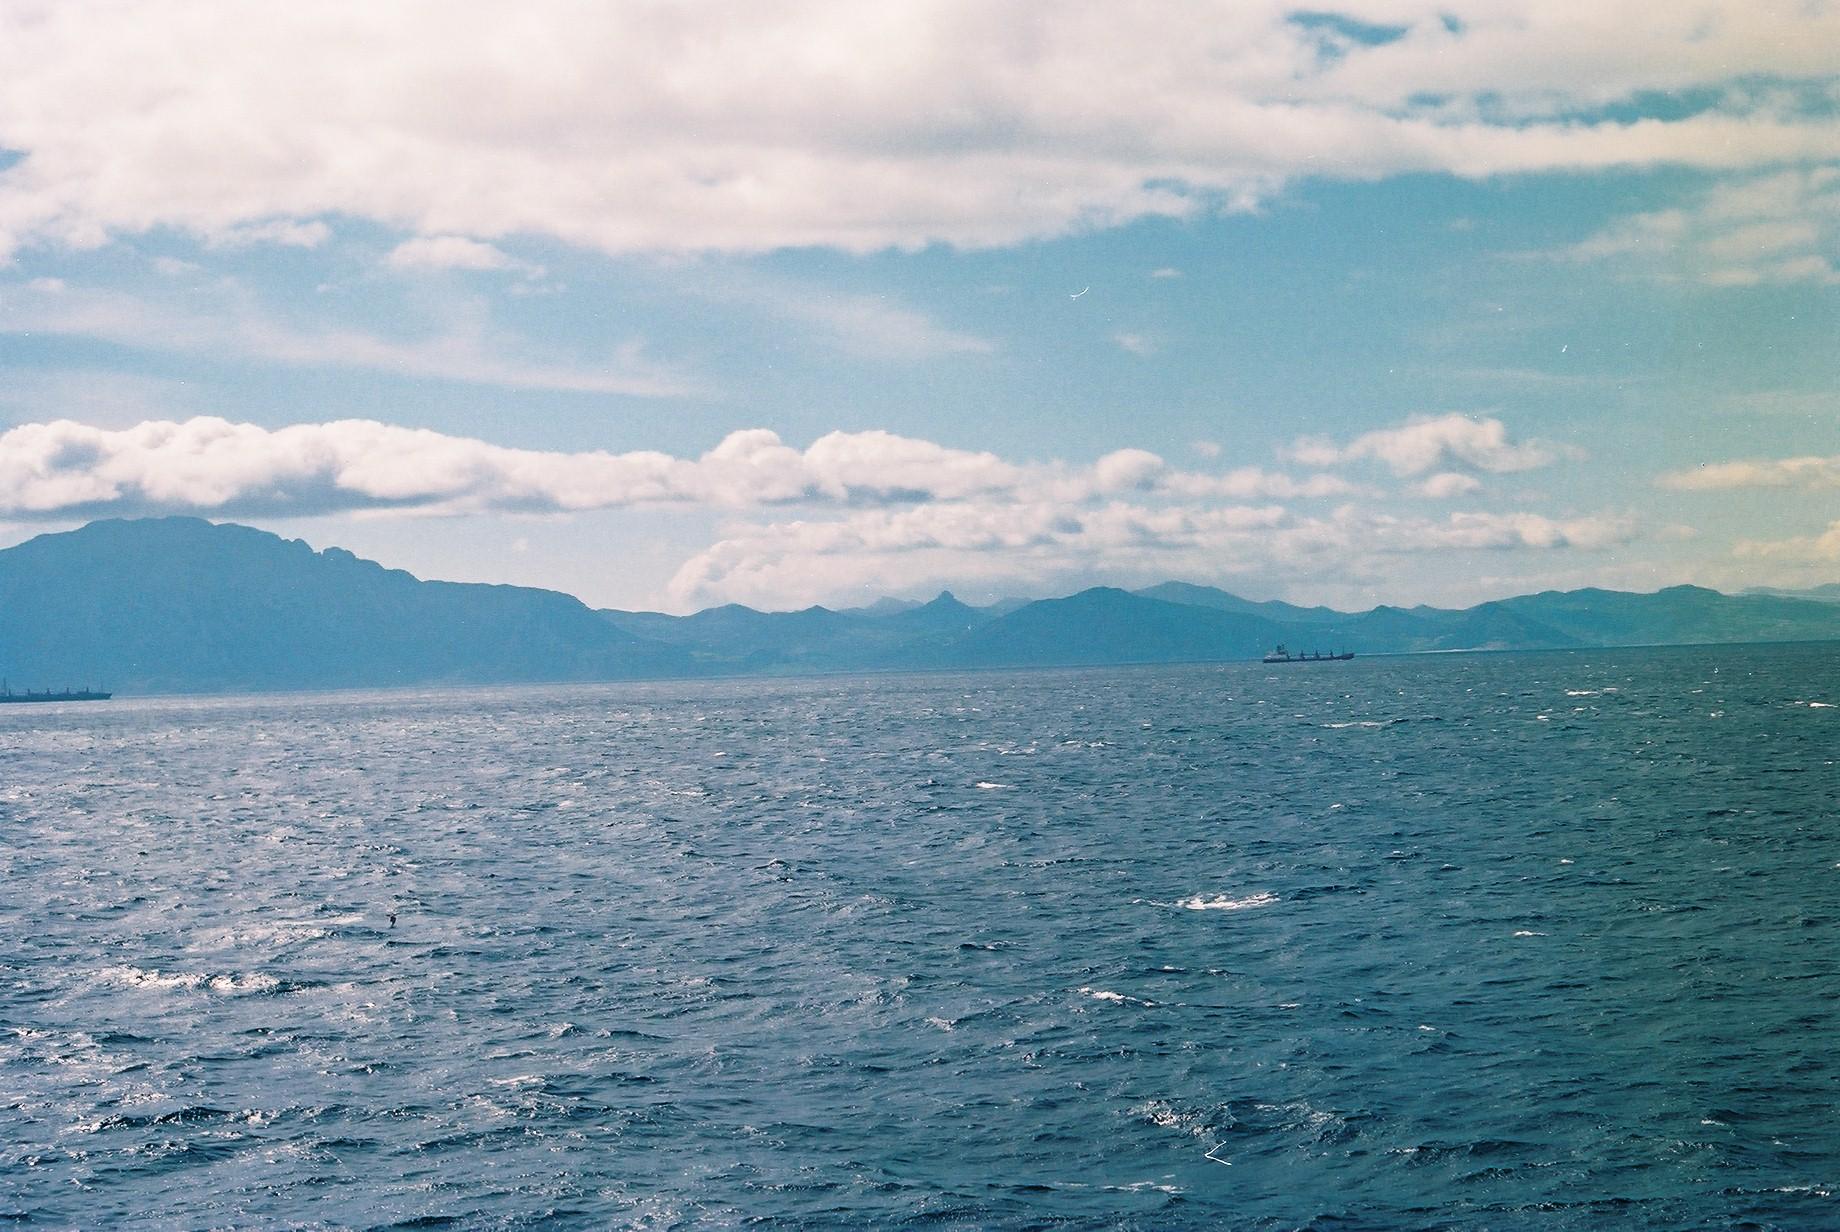 旅人の聖地ジブラルタル海峡 by tetsushi - 旅log